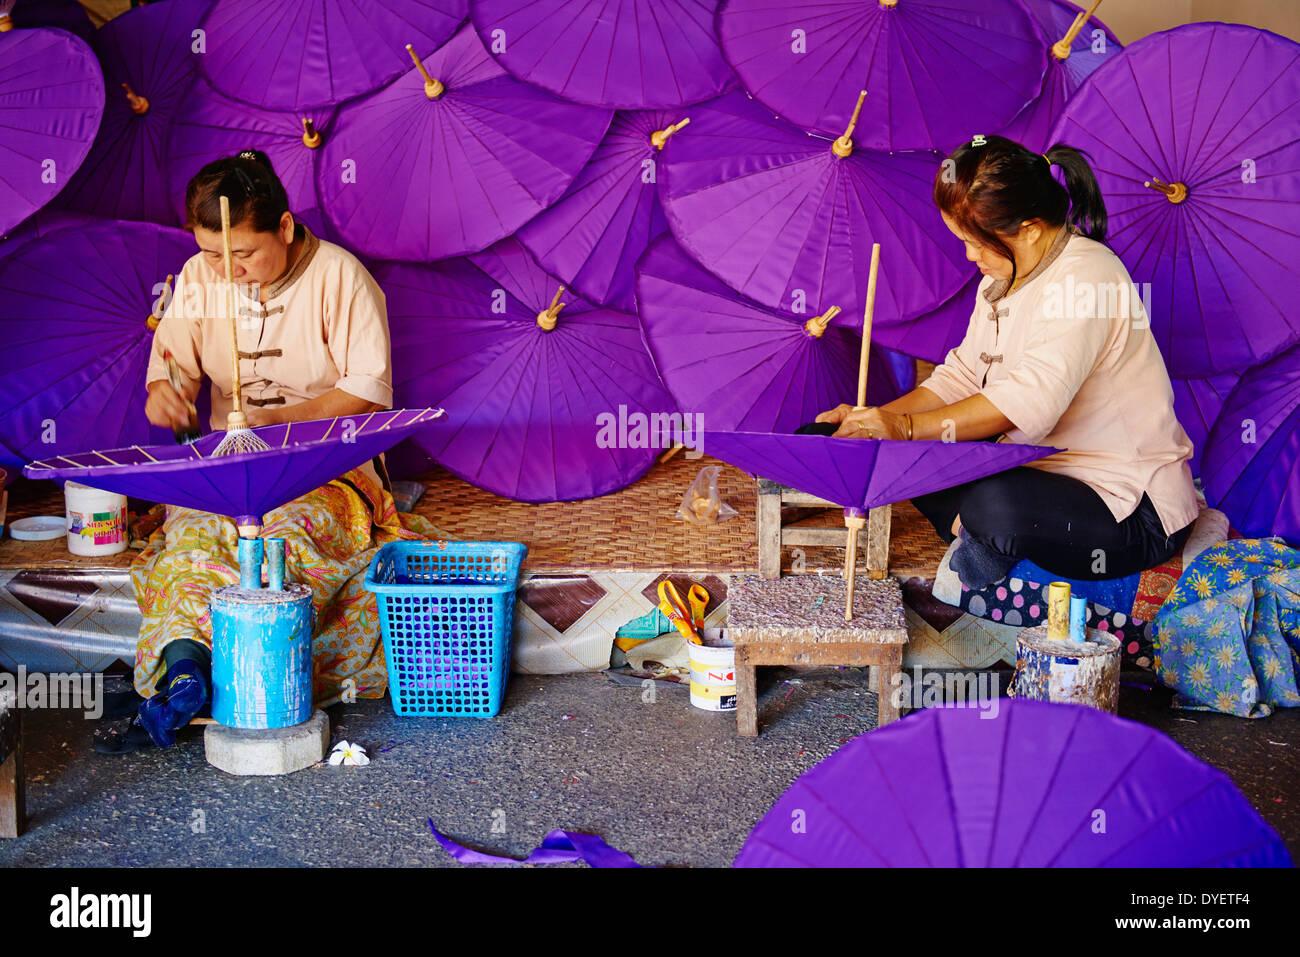 Thailand, Chiang Mai, umbrella at Borsang Handicraft Village - Stock Image